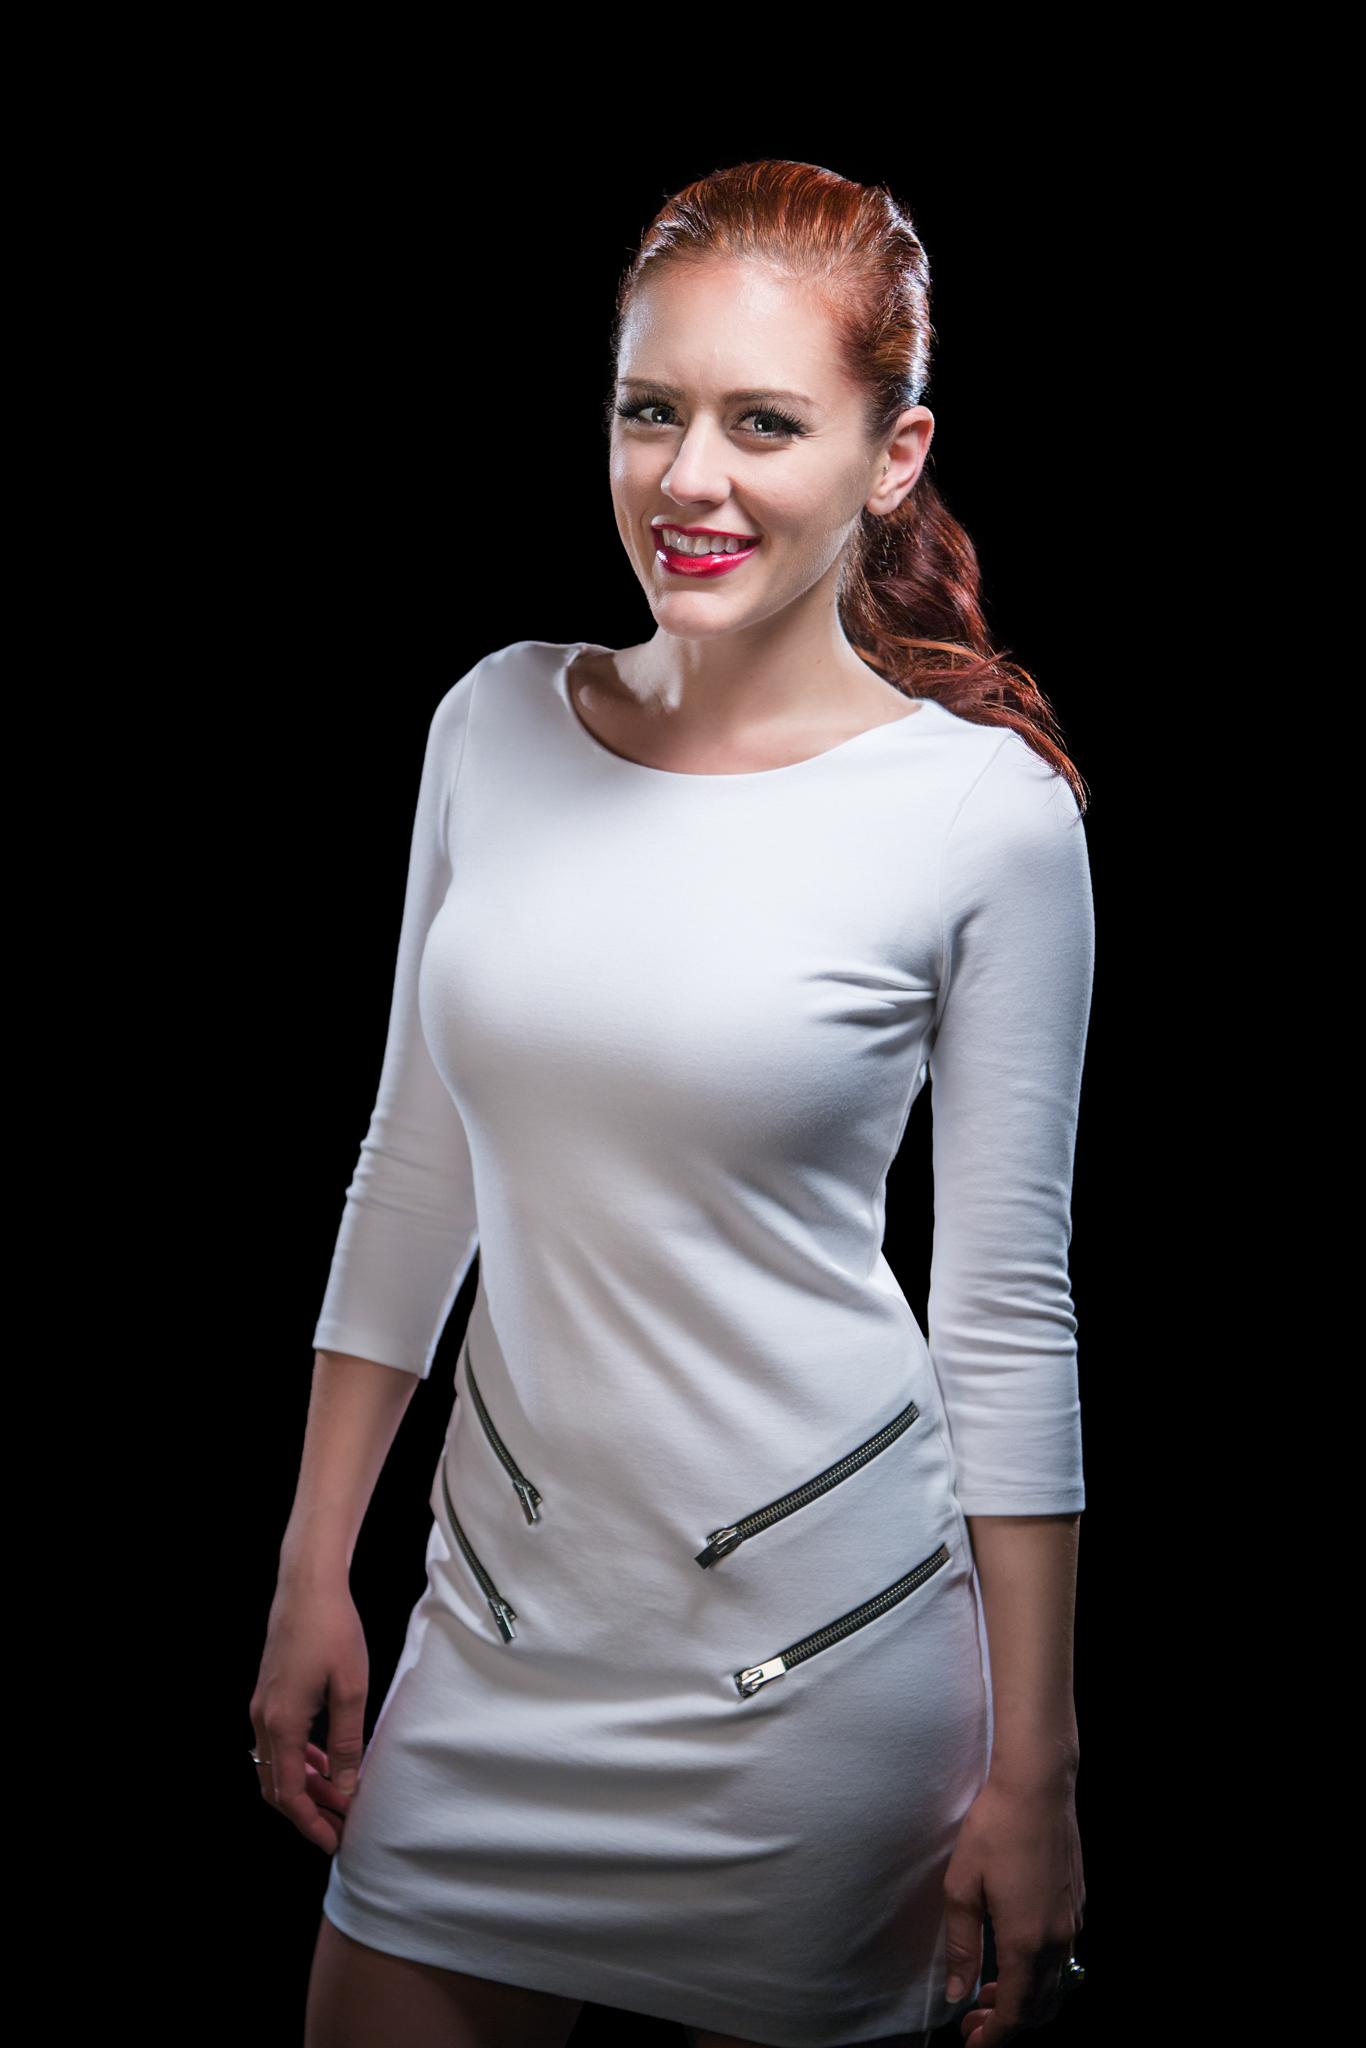 Anna Prosser